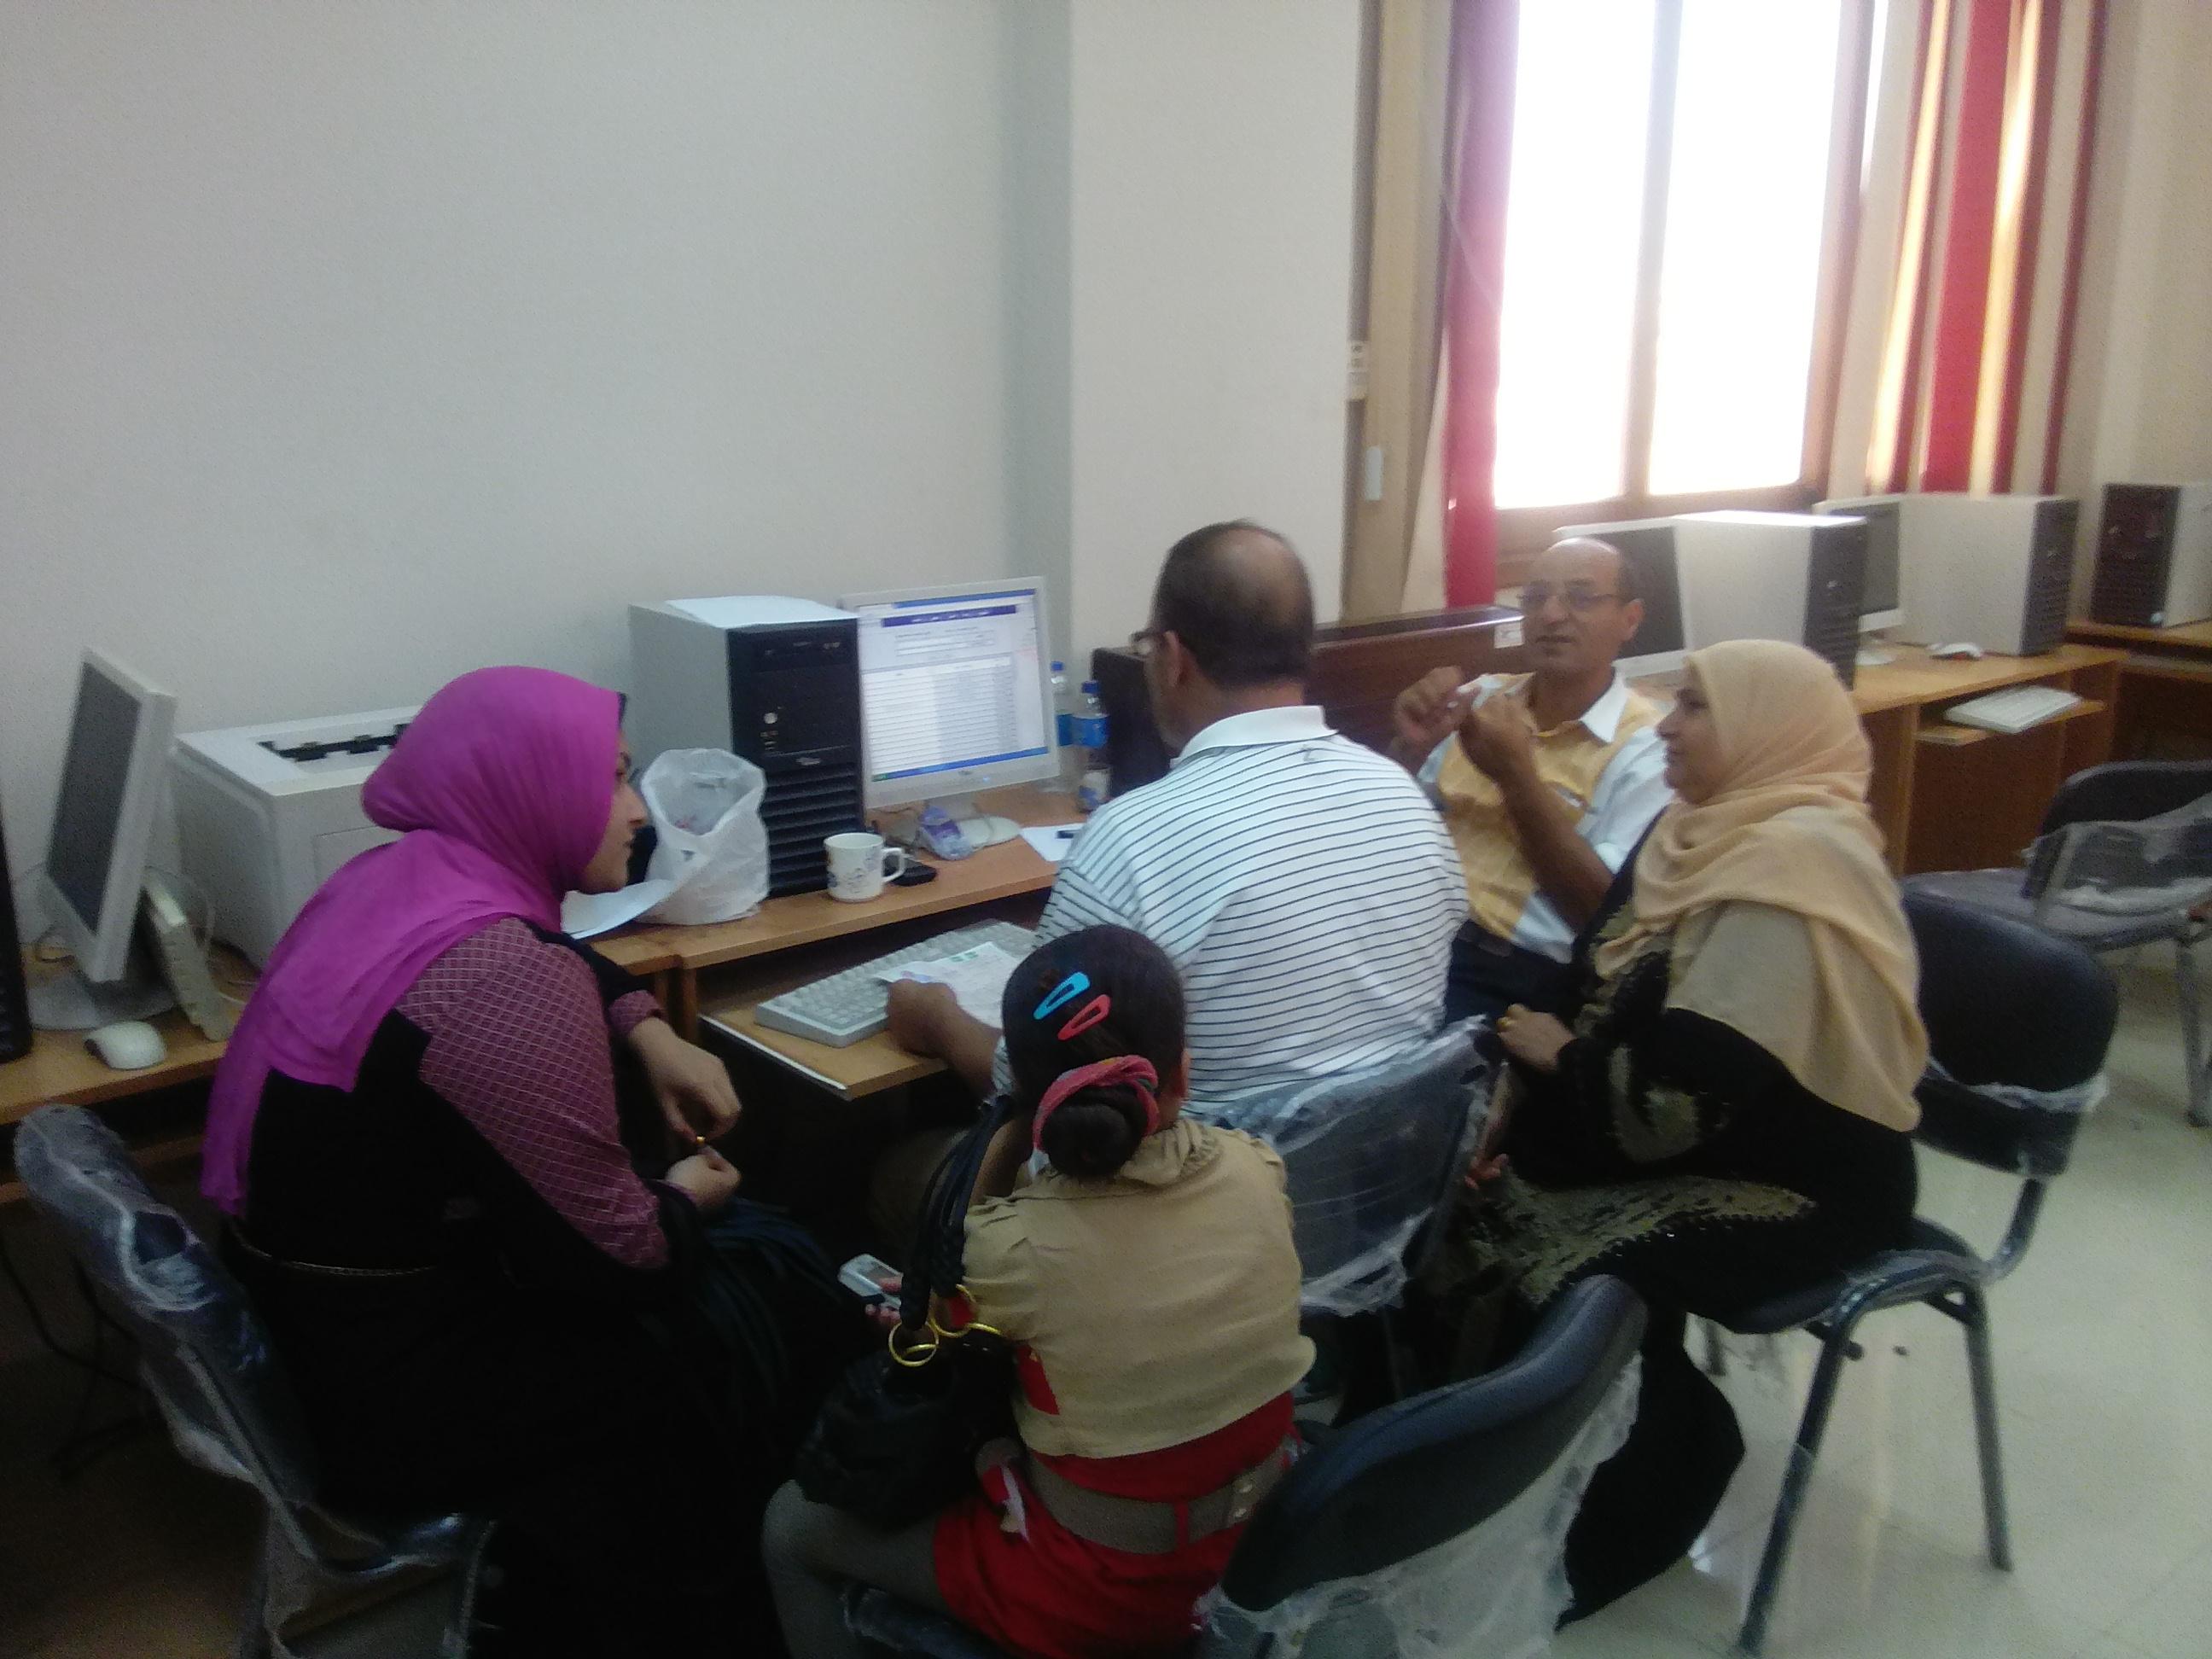 4- حرص أولياء أمور الطلاب على متابعة تسجيل الرغبات